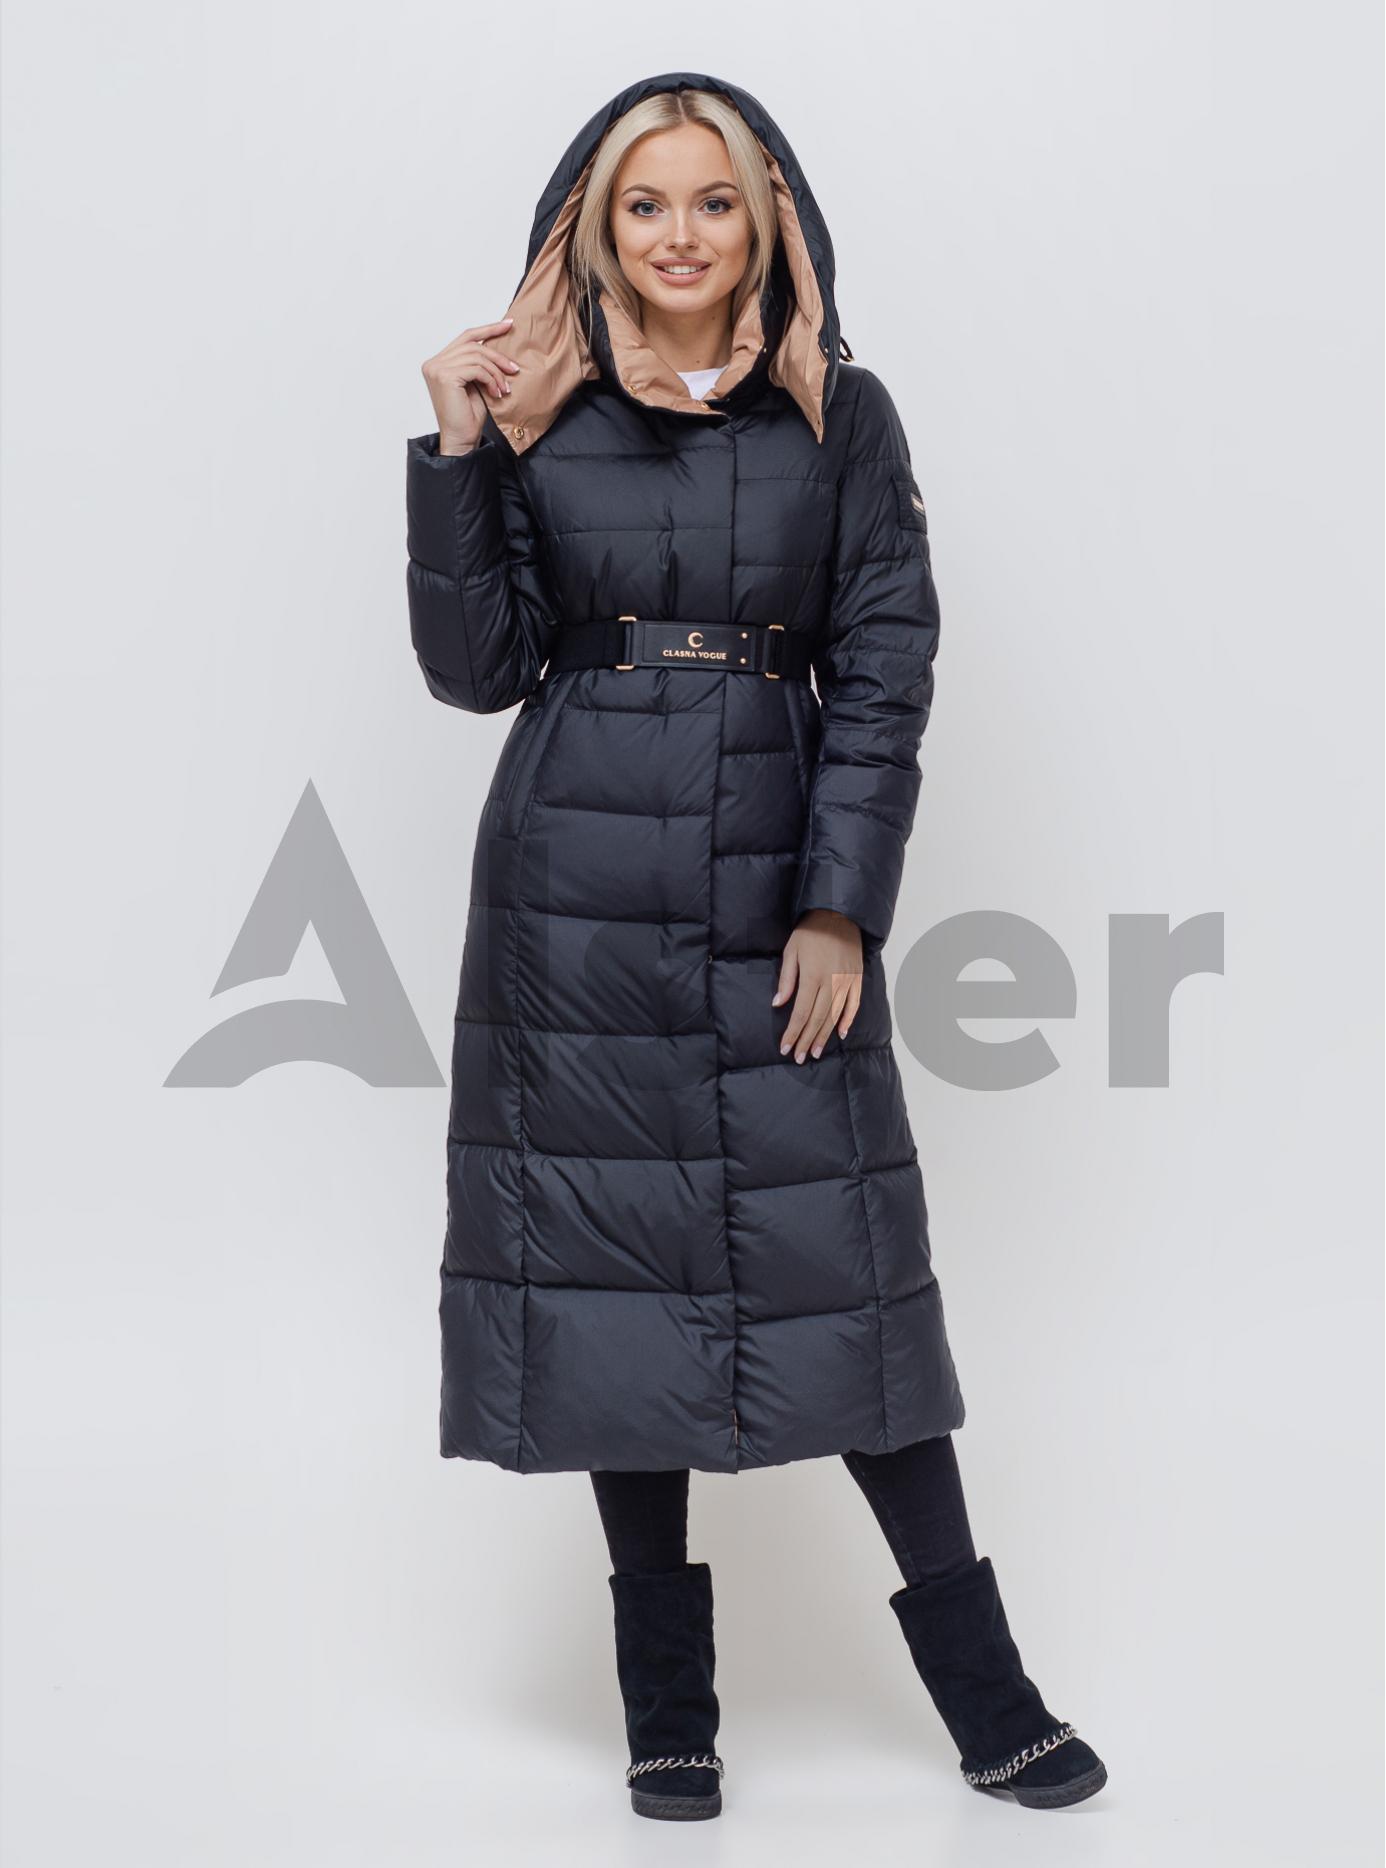 Пуховик зимний длинный с поясом Чёрный L (01-N200546): фото - Alster.ua